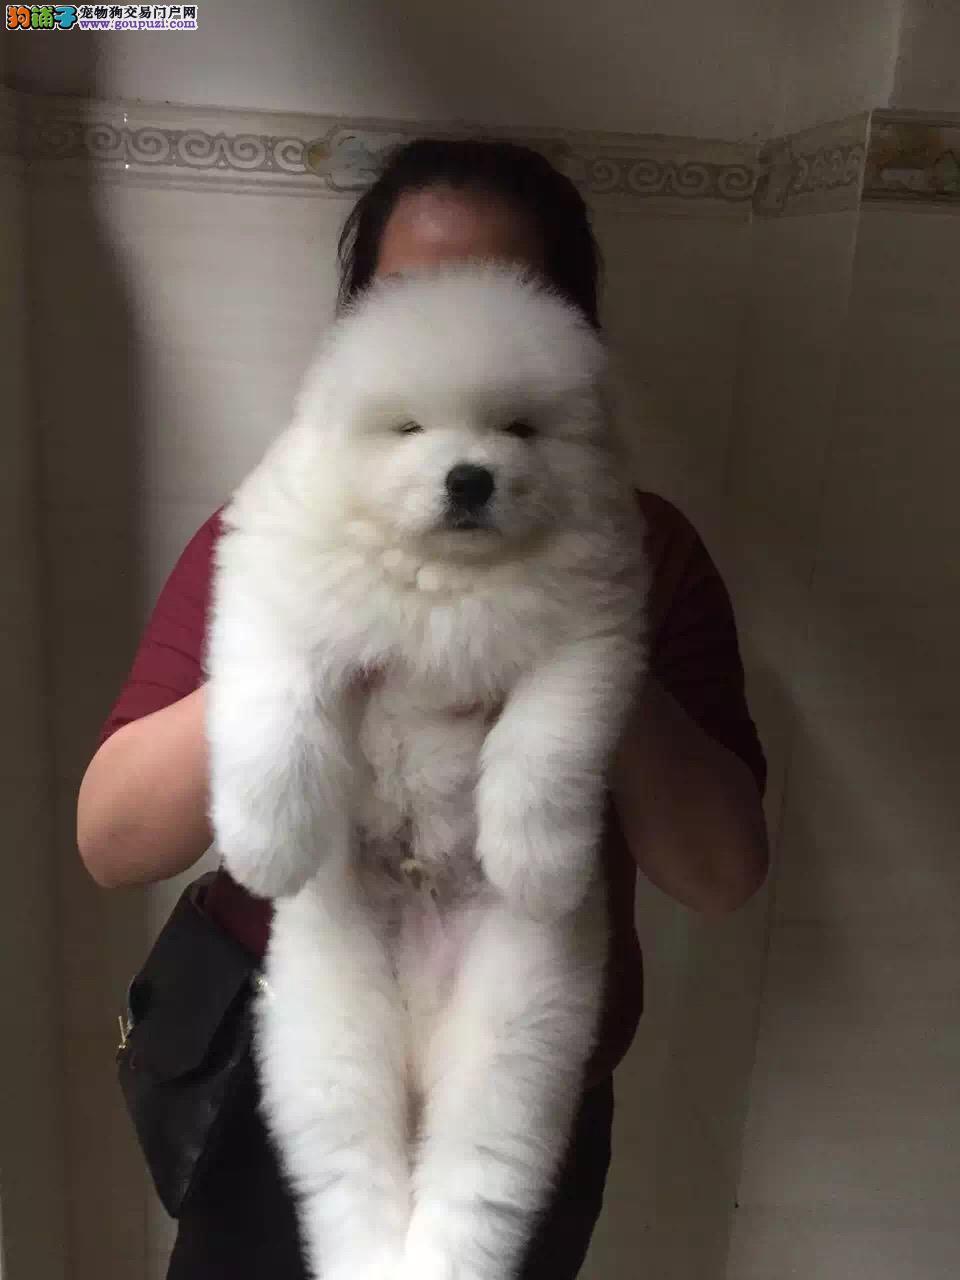 纯种大白熊犬出售,疫苗驱虫都做齐,签署终身质保协议